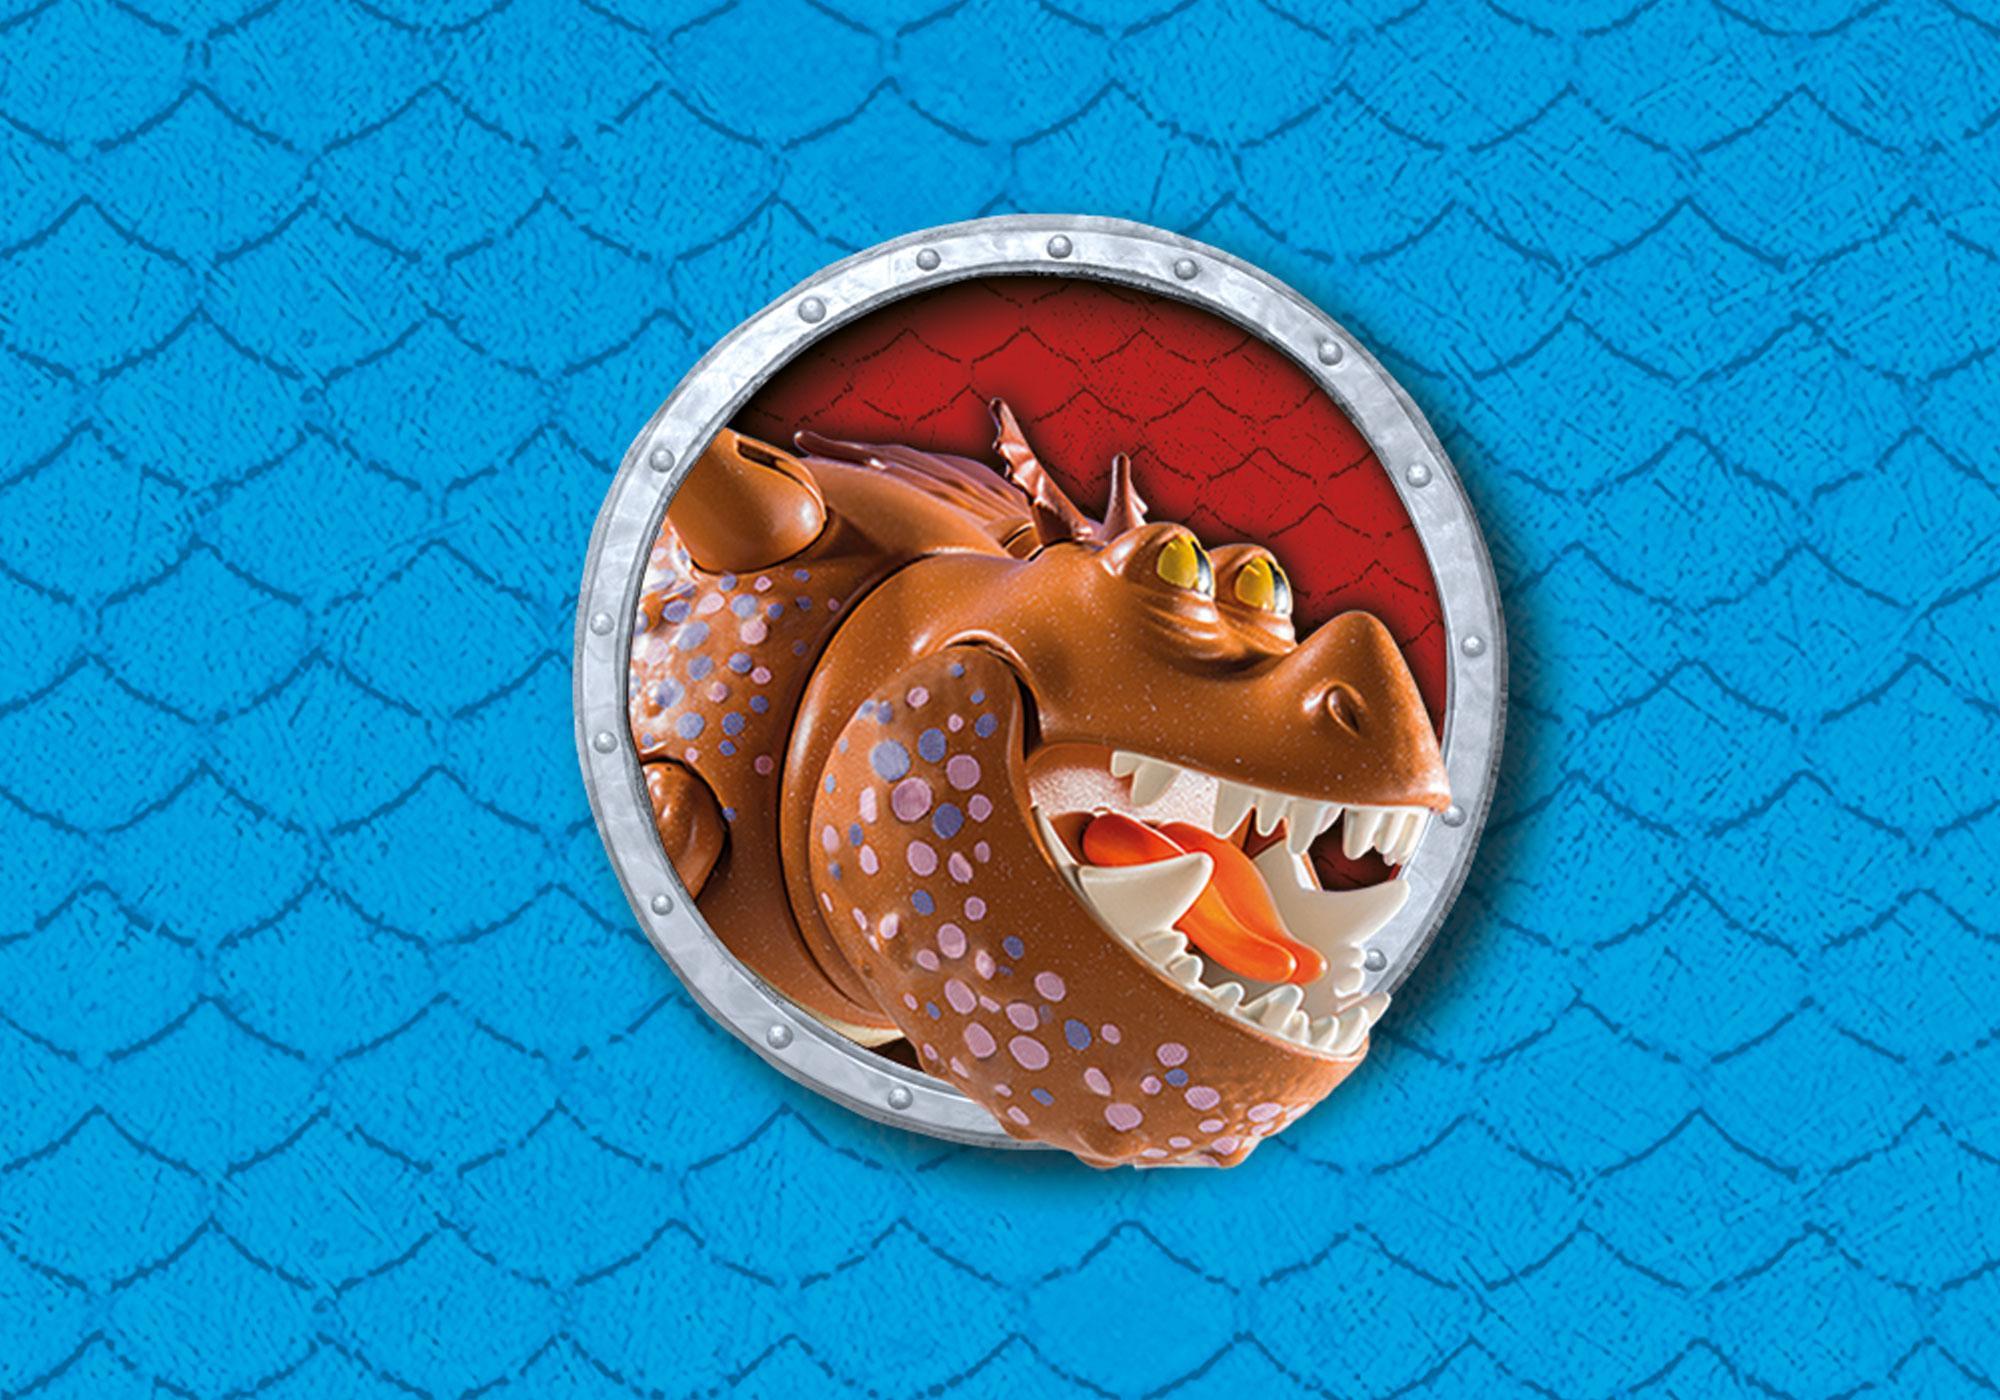 http://media.playmobil.com/i/playmobil/9460_product_extra4/Molenga e Perna de Peixe